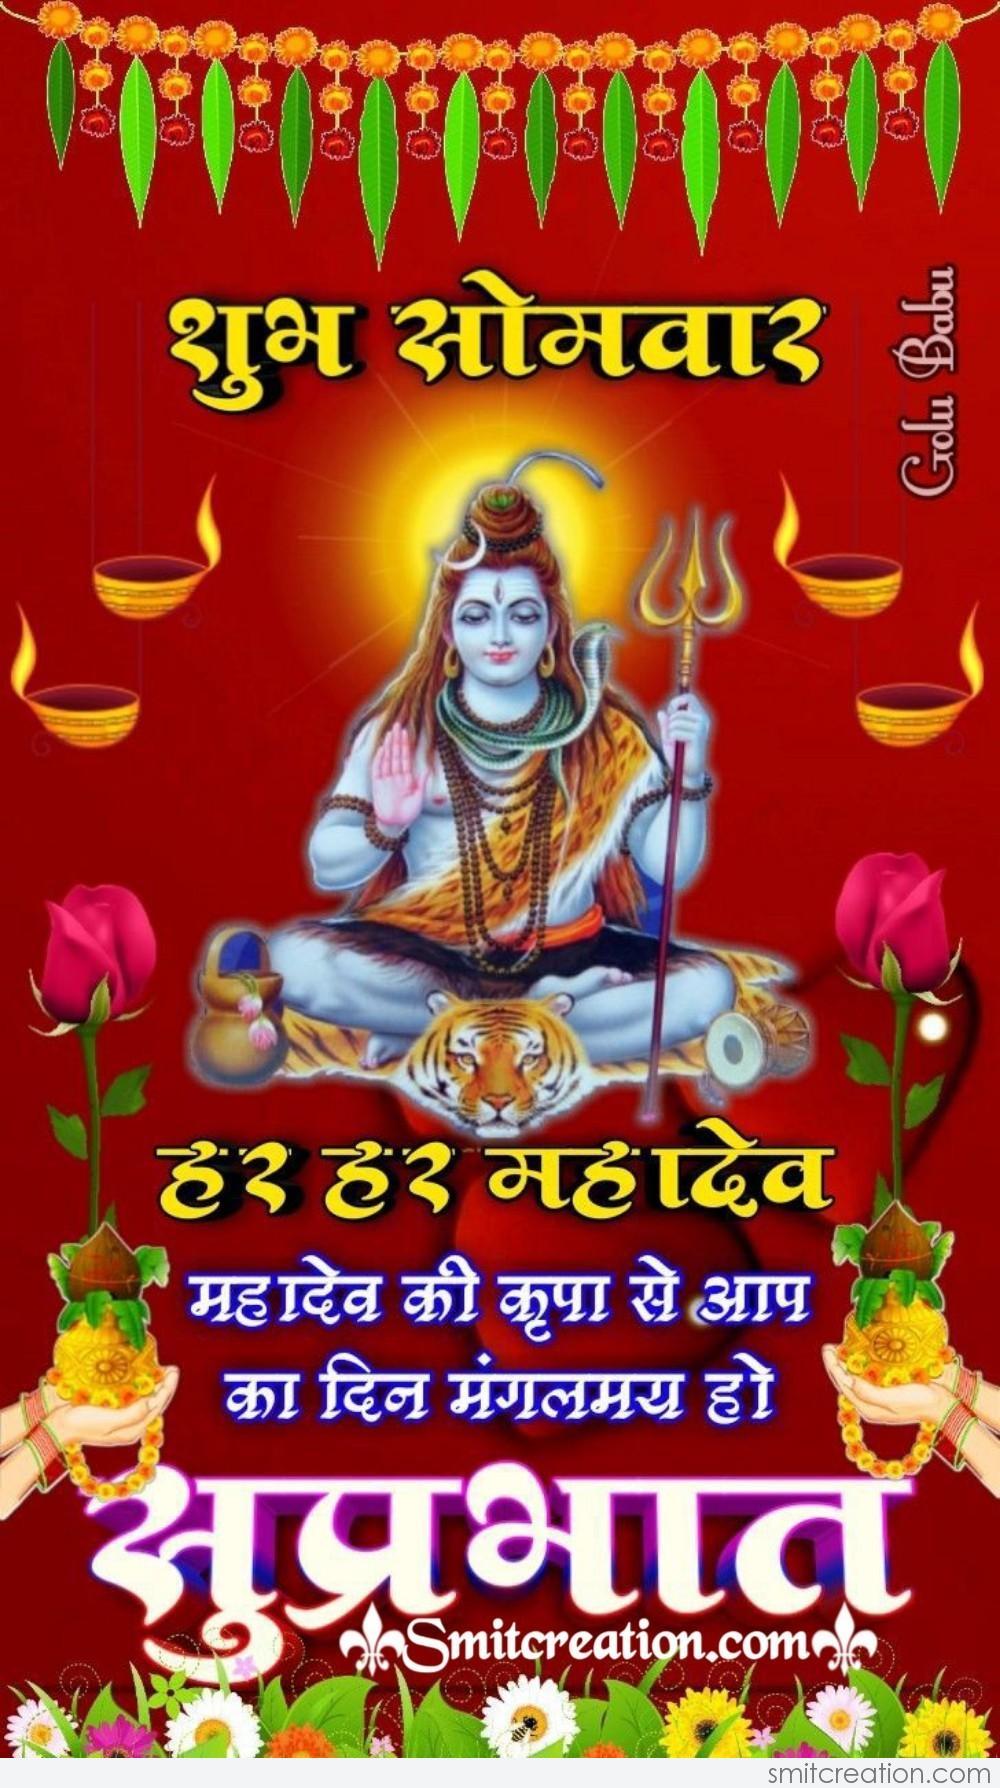 Shubh Somvaar Har Har Mahadev Suprabhat Smitcreation Com